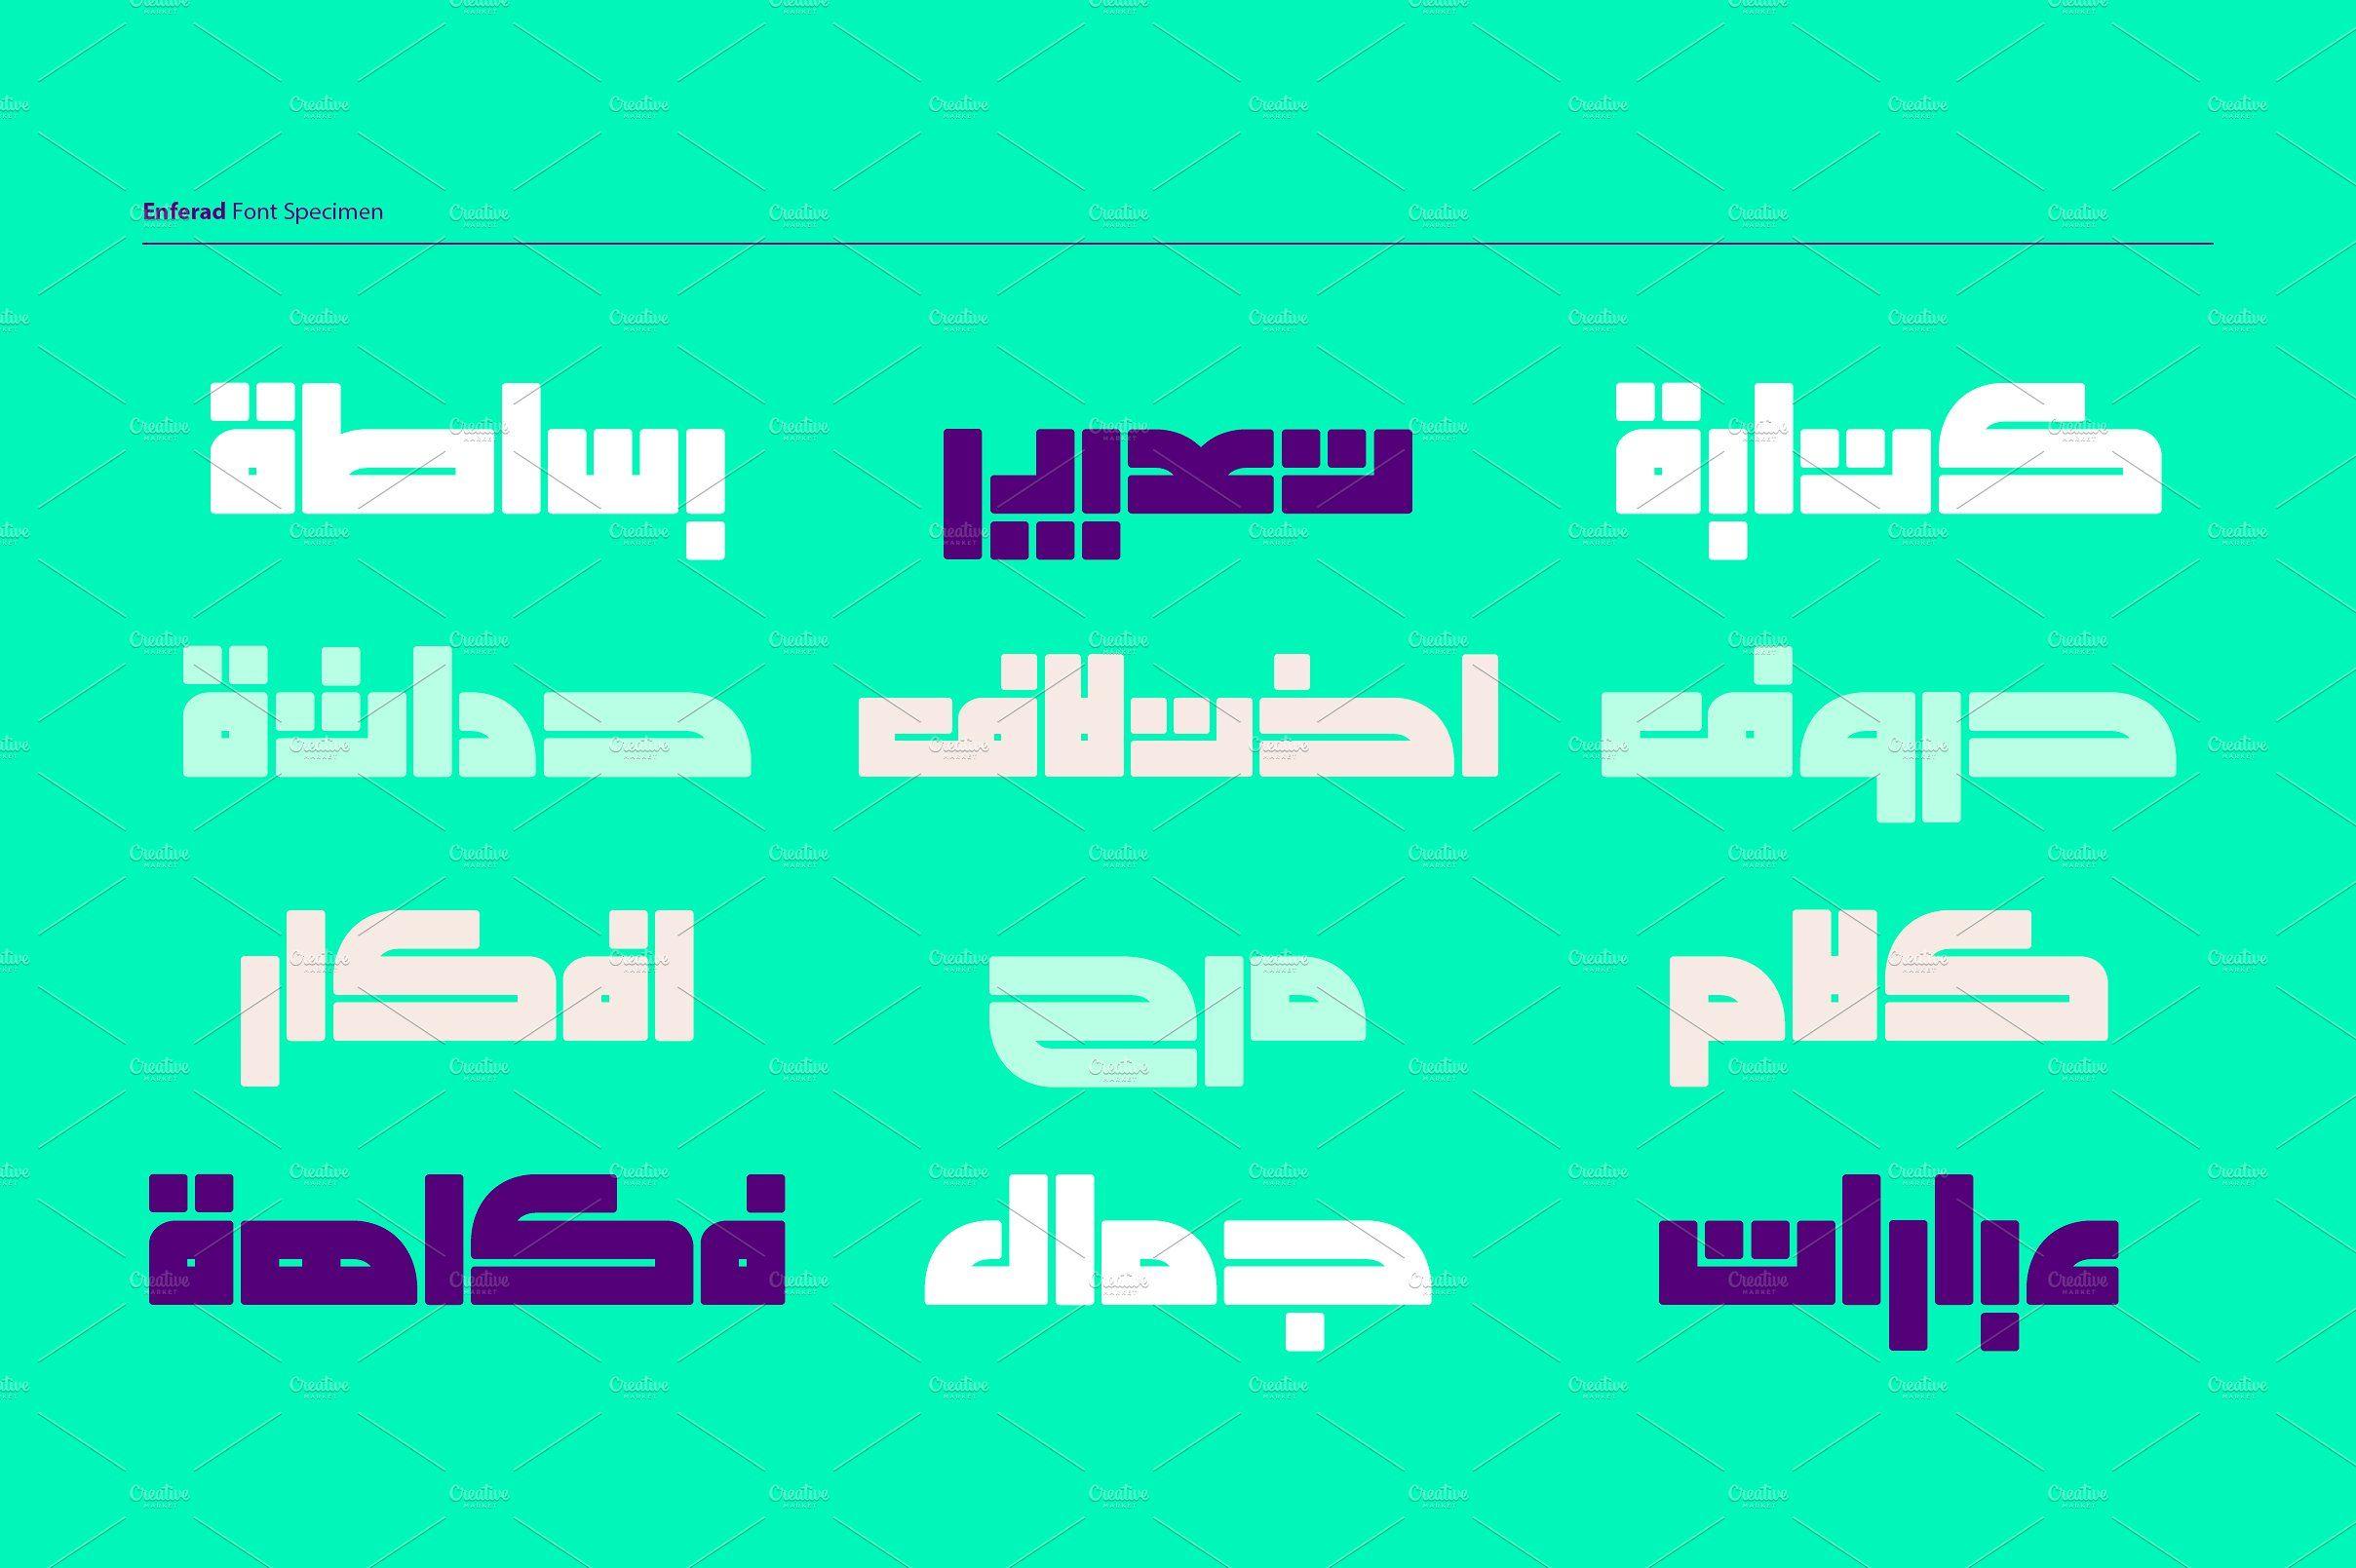 Enferad Arabic Font Arabic Font Fonts Cursive